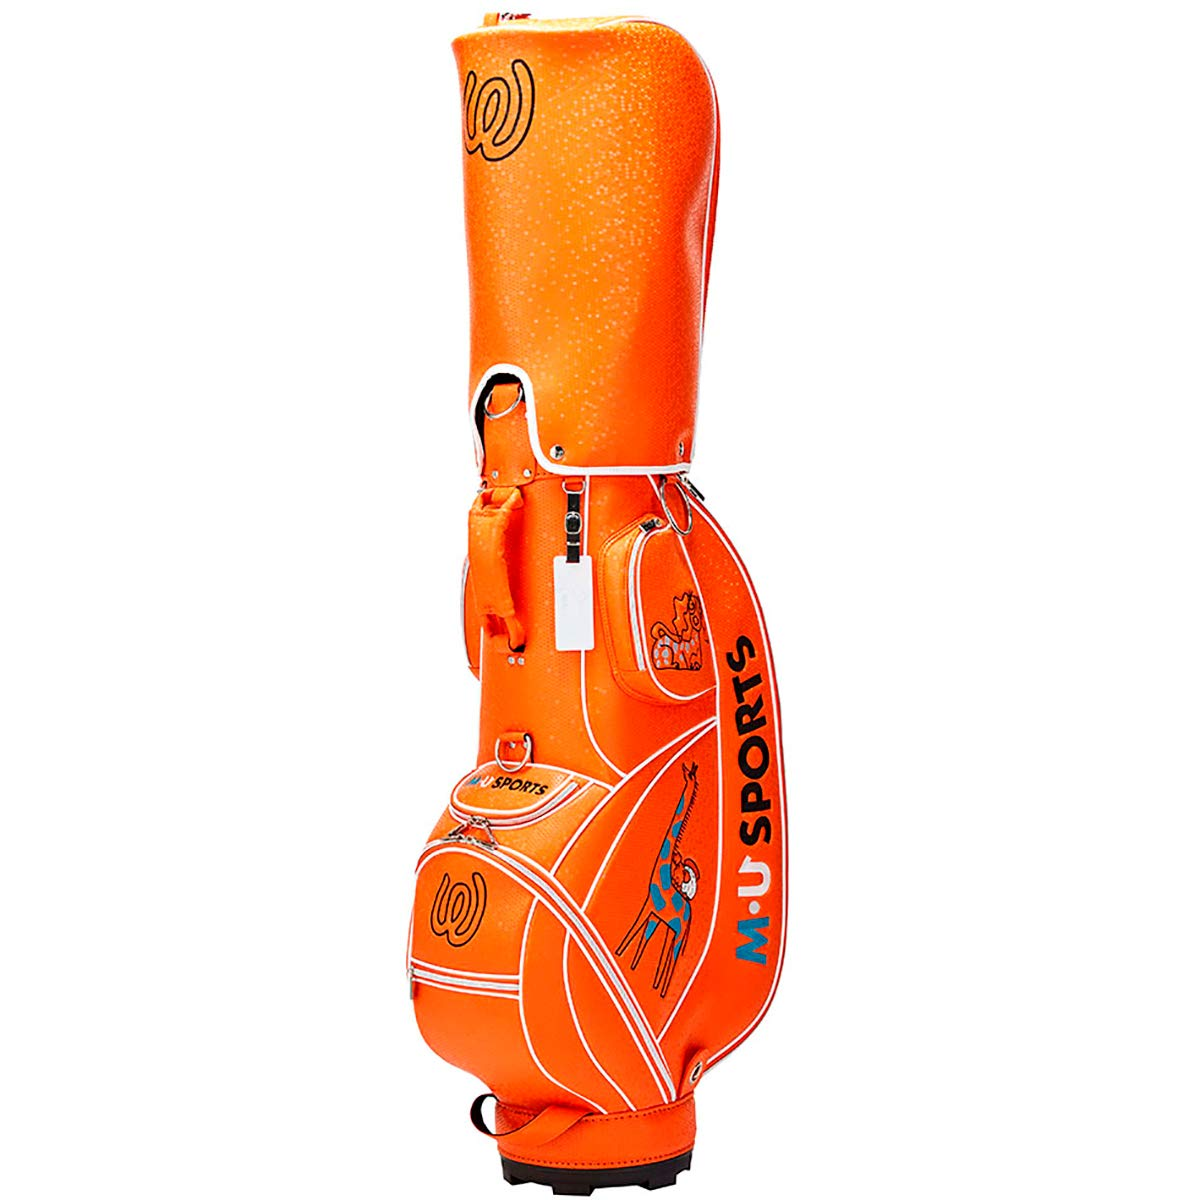 MU SPORTS(エム ユースポーツ) キャディーバッグ 2019SSシリーズ アニマル柄キャディバッグ オレンジ 703P2100 オレンジ B07Q6PTFSH